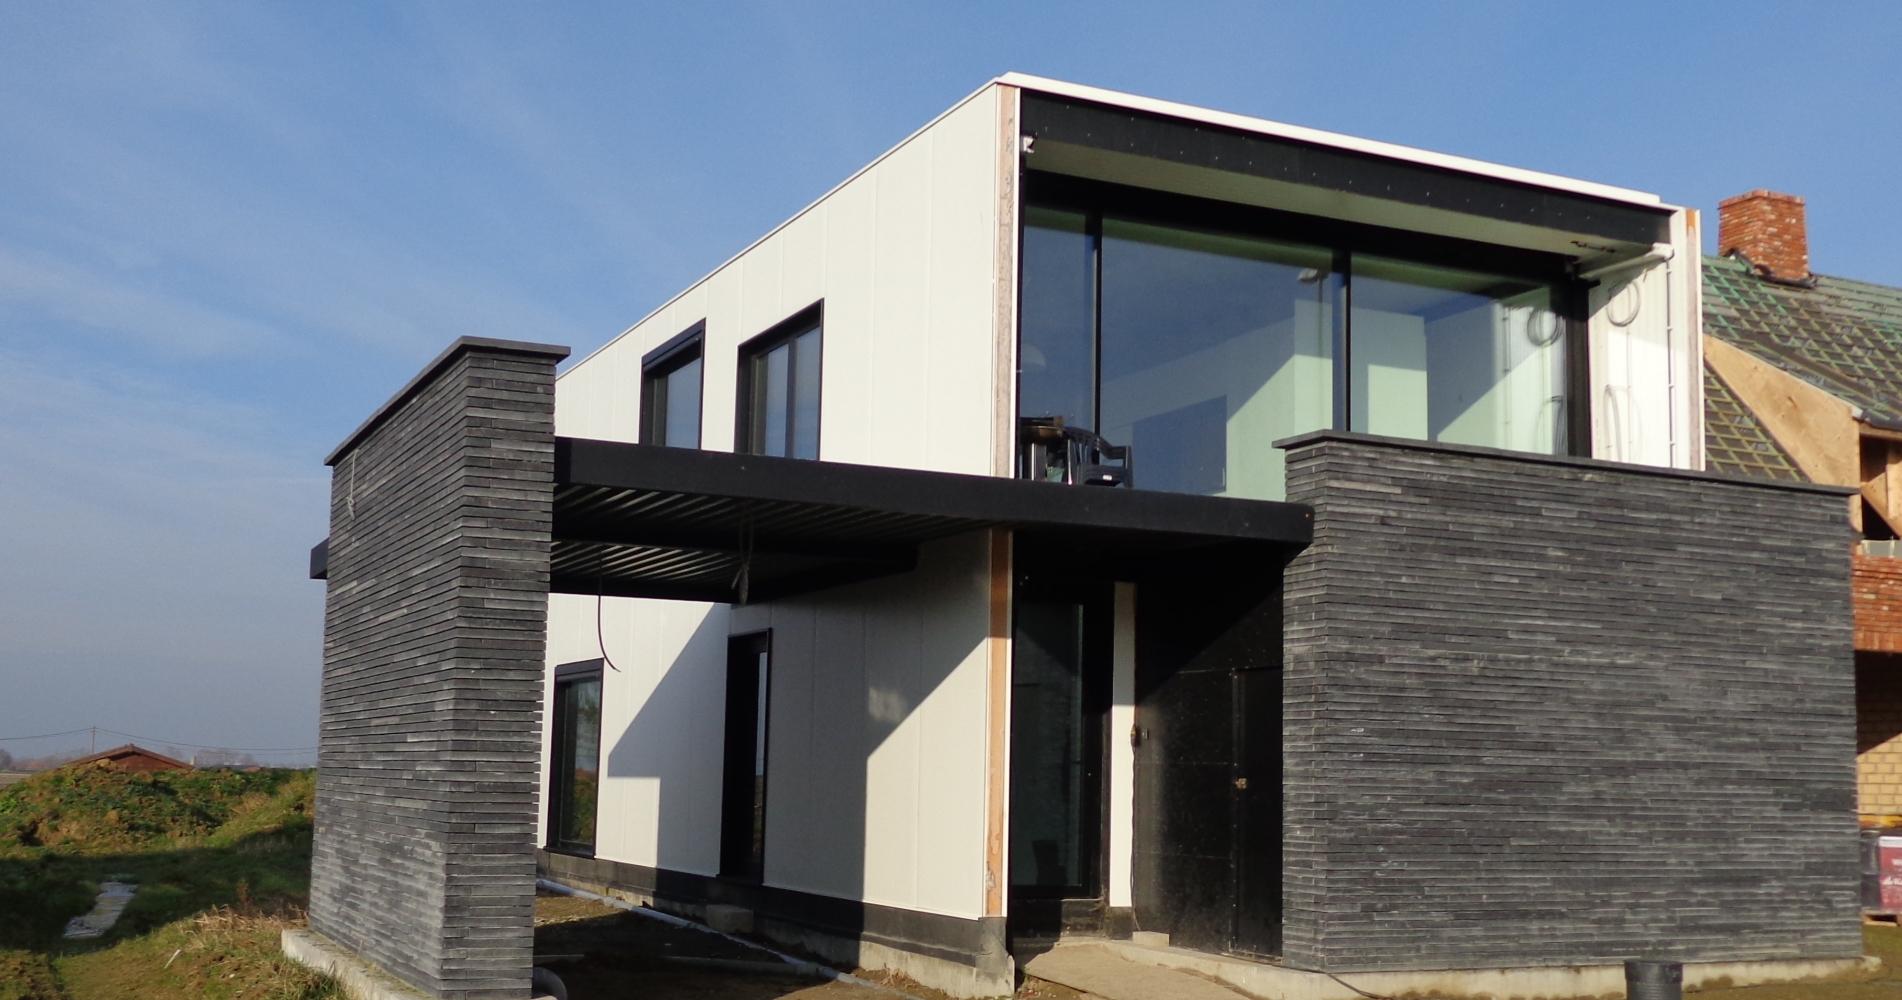 Woning in staal met warm gevoel for Staalbouw woningen